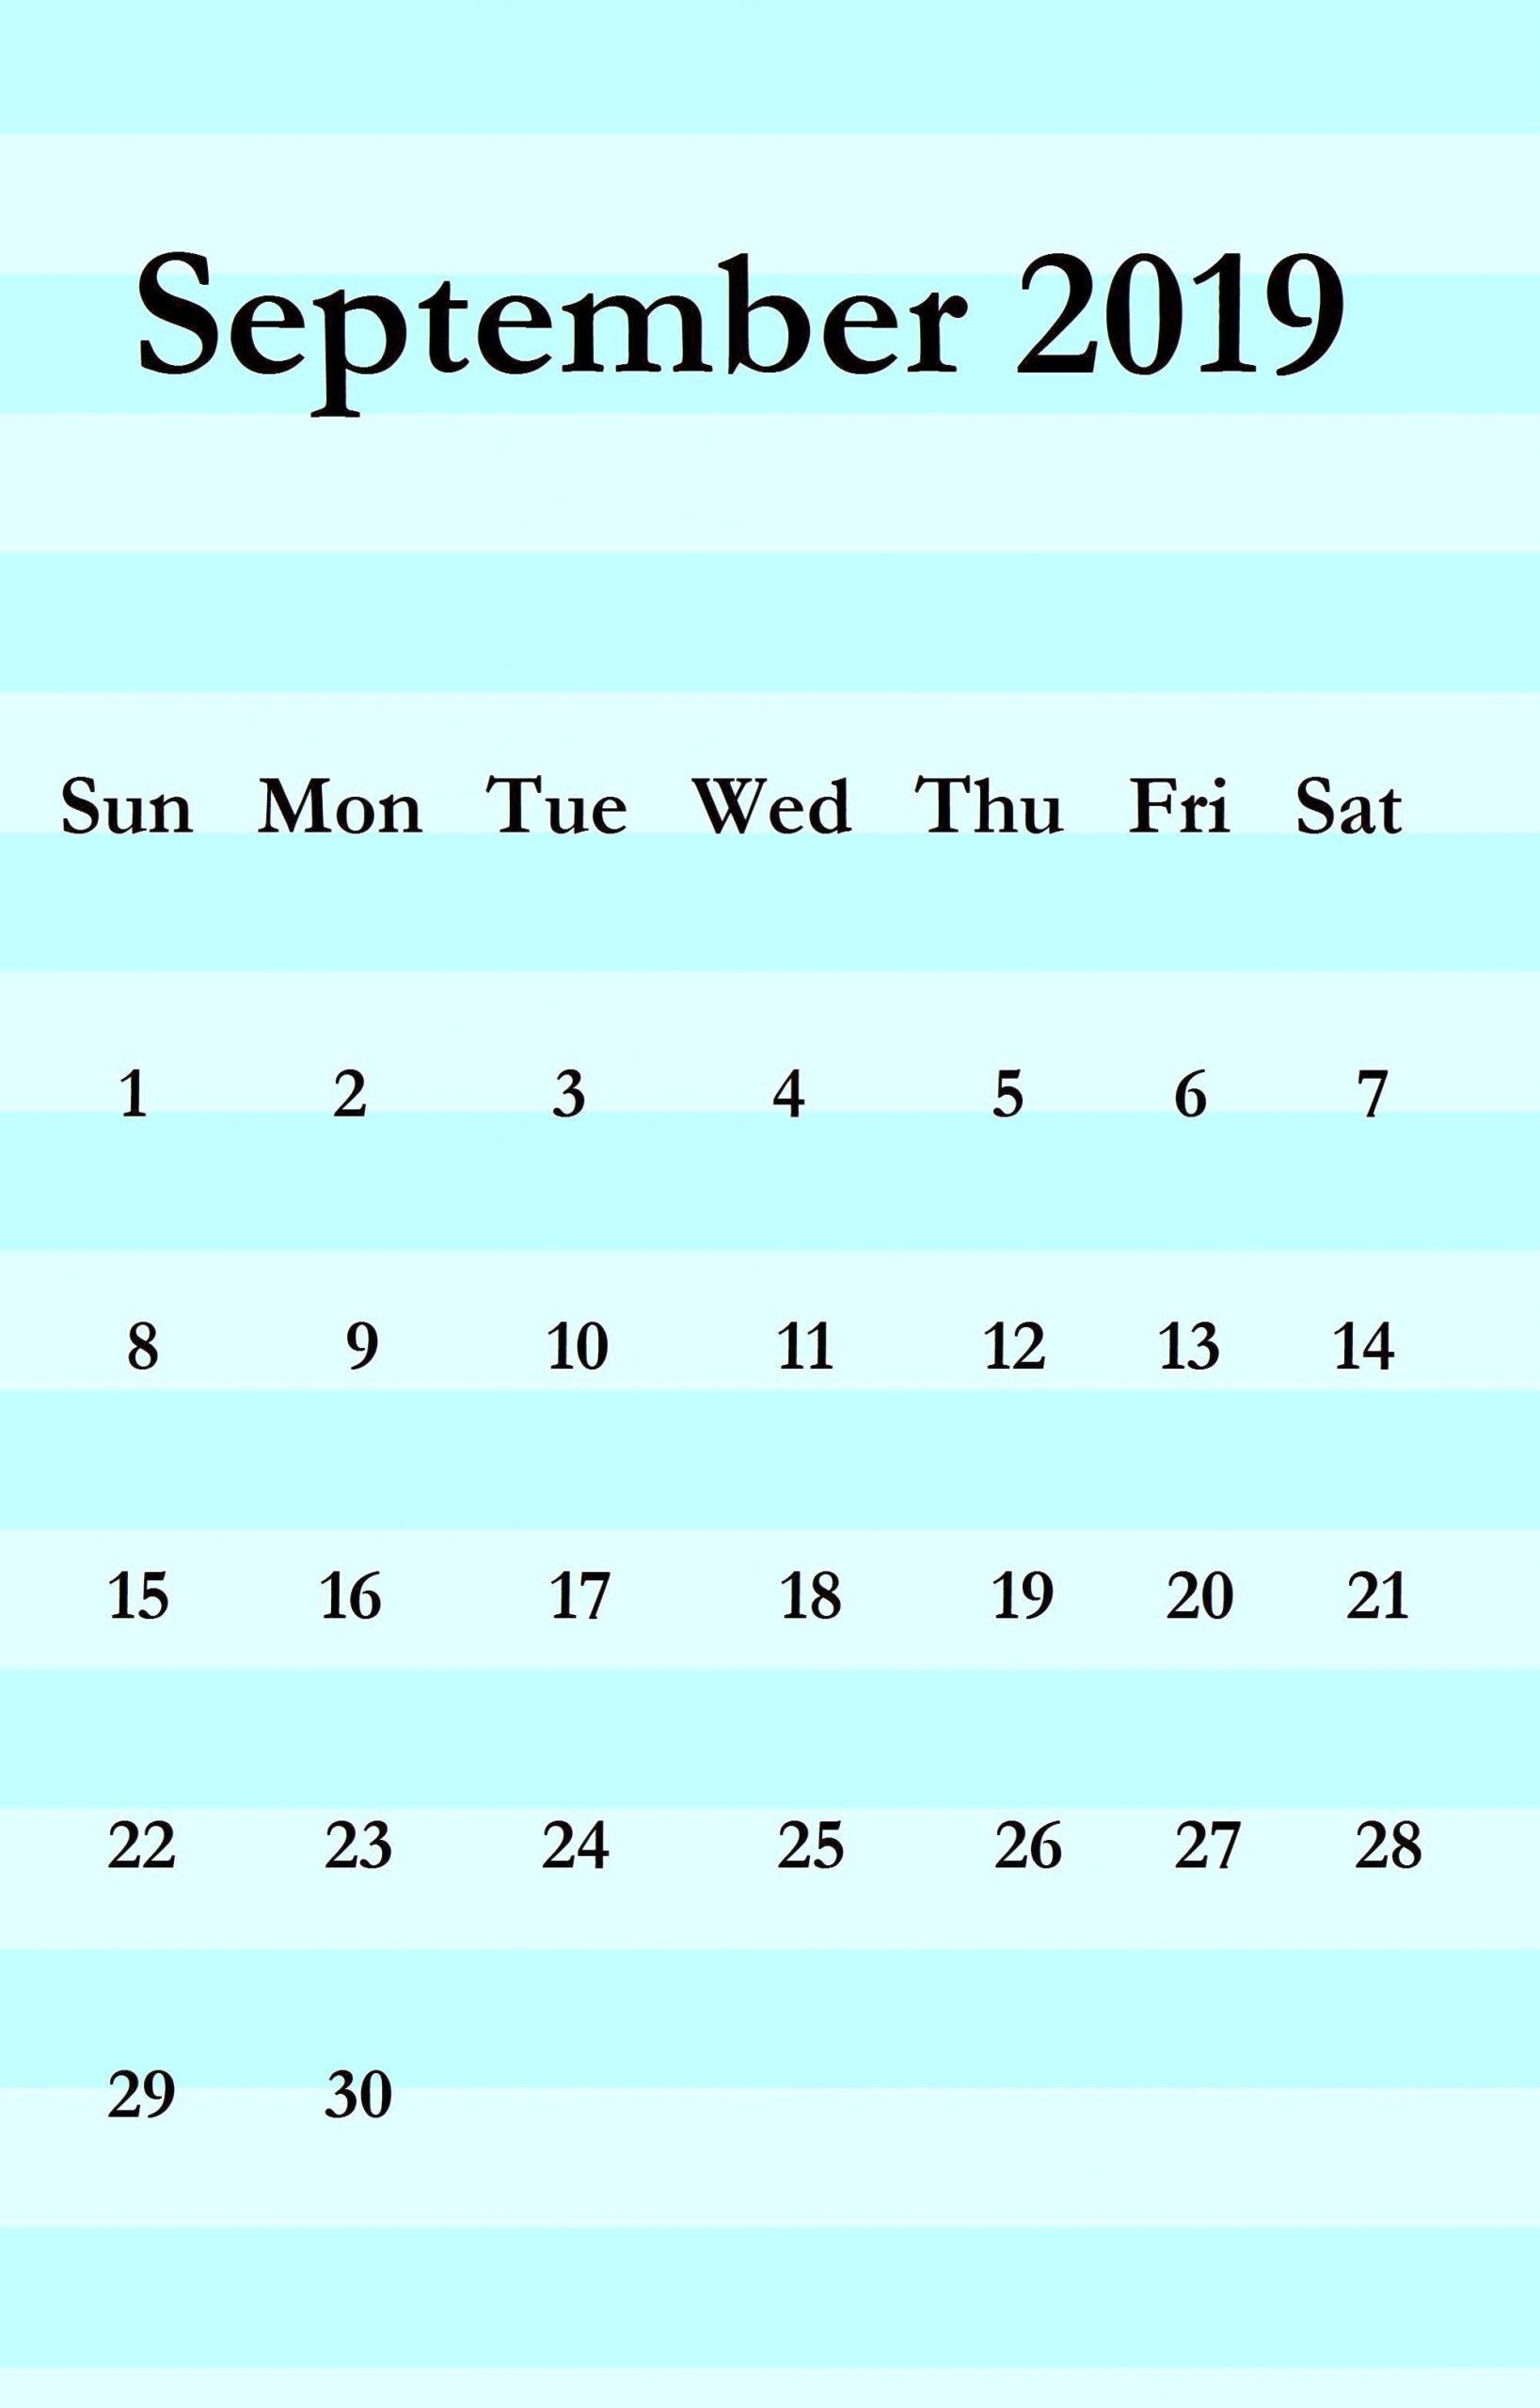 September 2019 iPhone Calendar